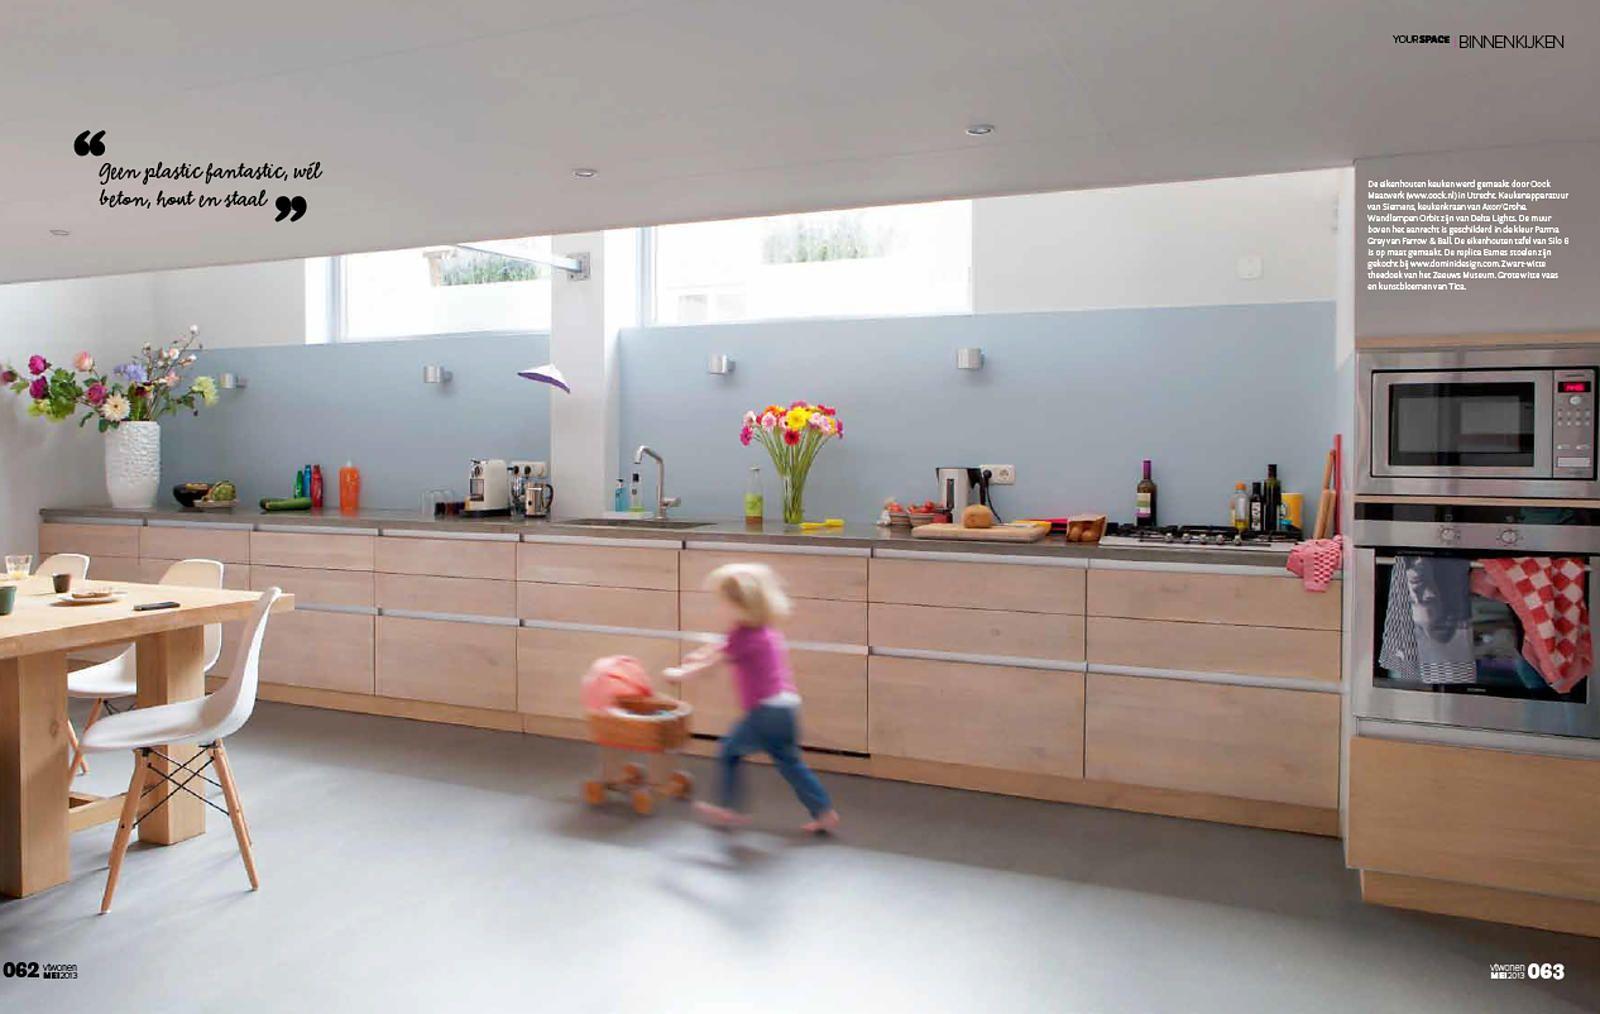 Gekleurde achterwand keuken is mooi vt wonen google zoeken